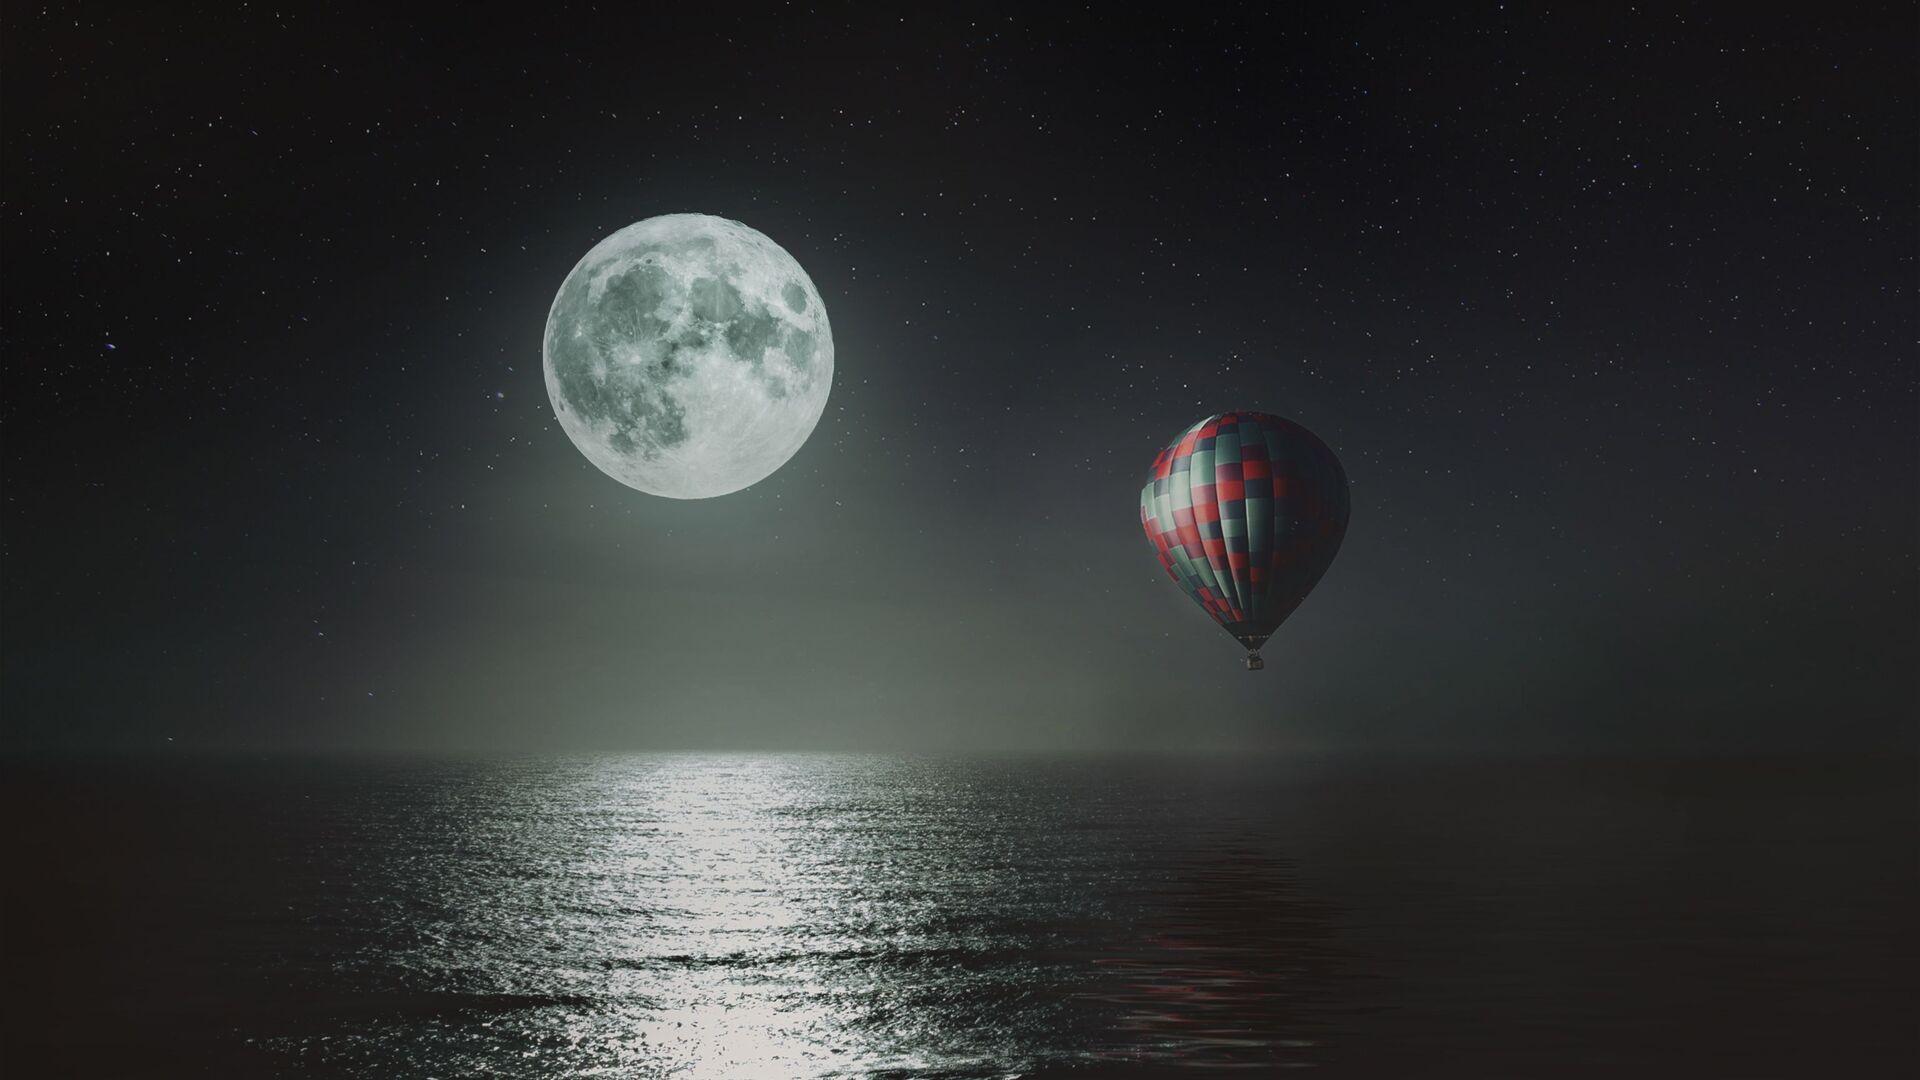 სავსე მთვარე - Sputnik საქართველო, 1920, 19.09.2021